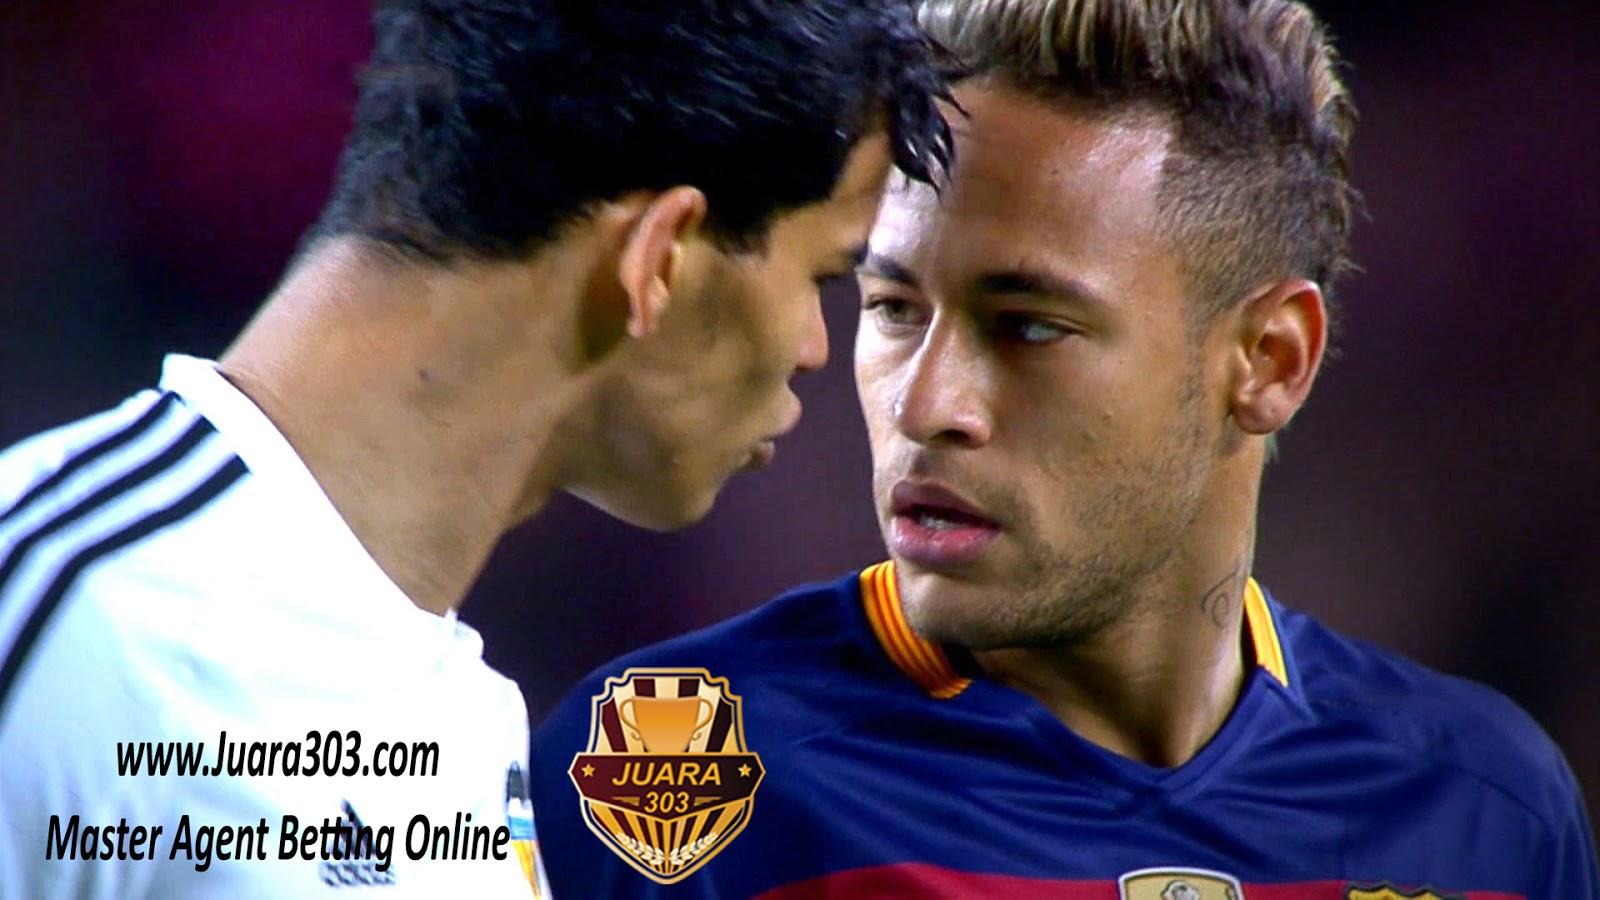 Juara303 Enrique Mengatakan Tidak Melihat Provokasi Oleh Neymar